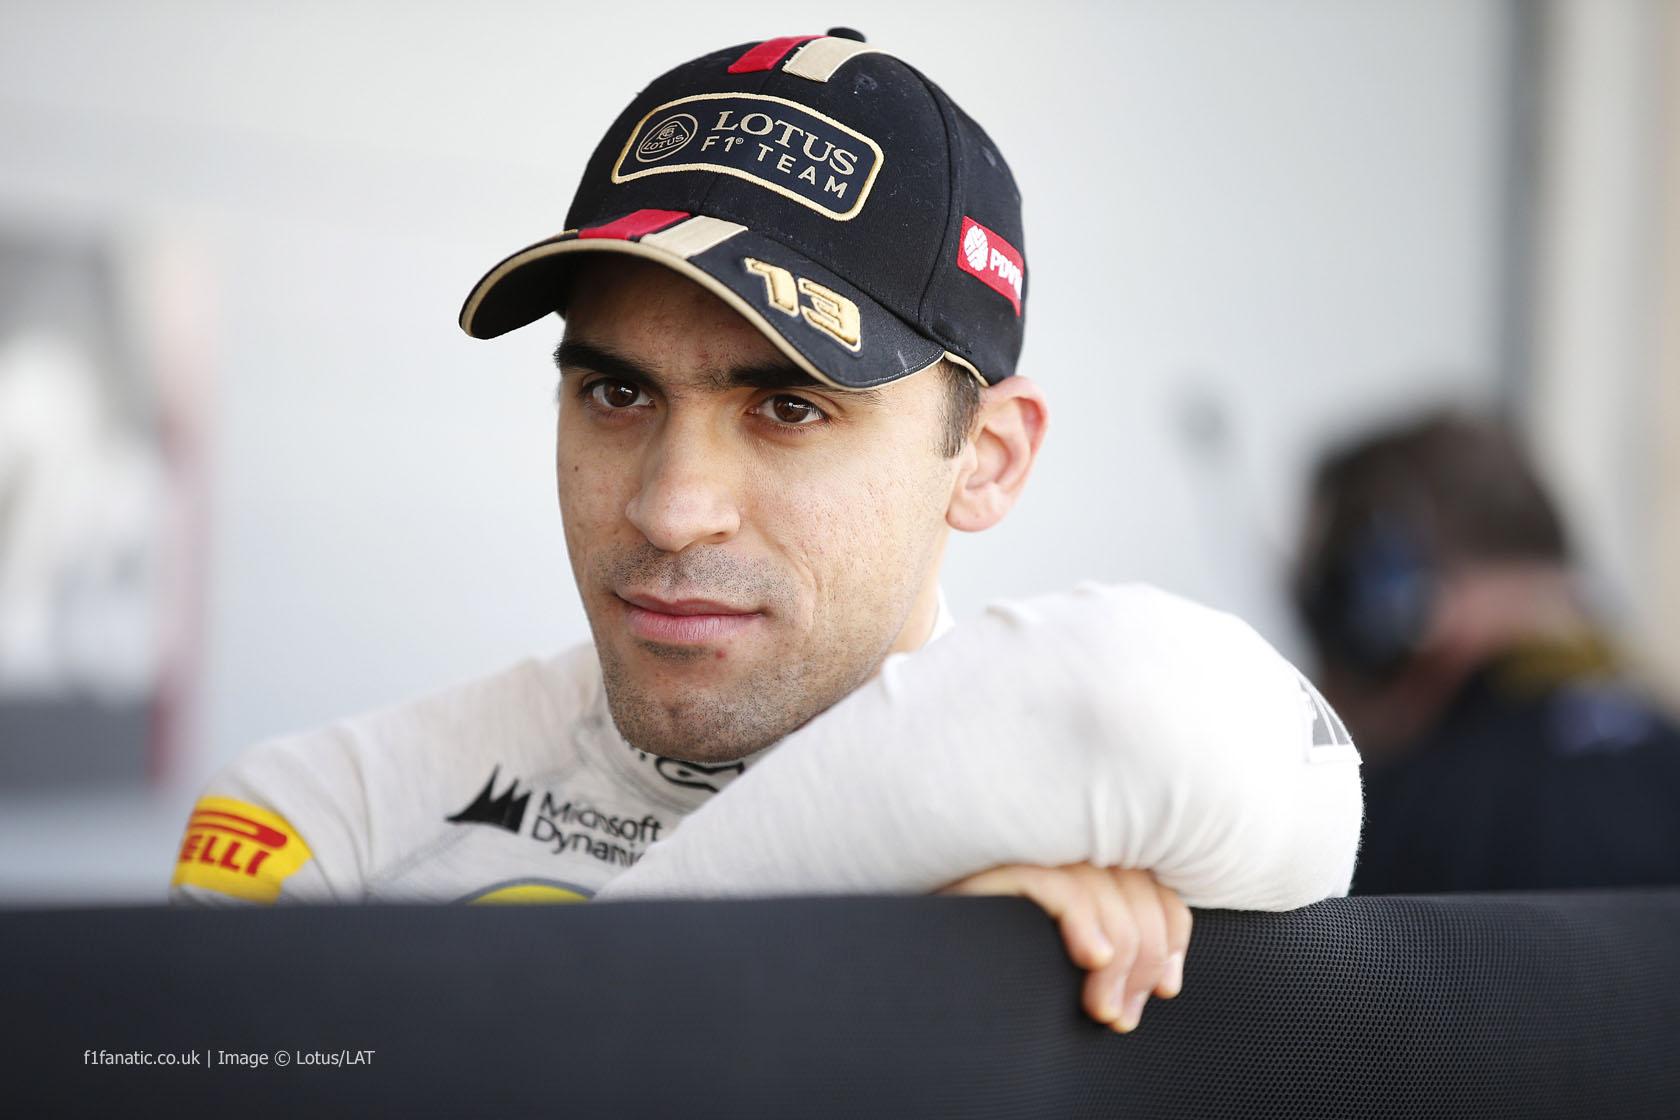 Pastor Maldonado, Lotus, Bahrain, 2014